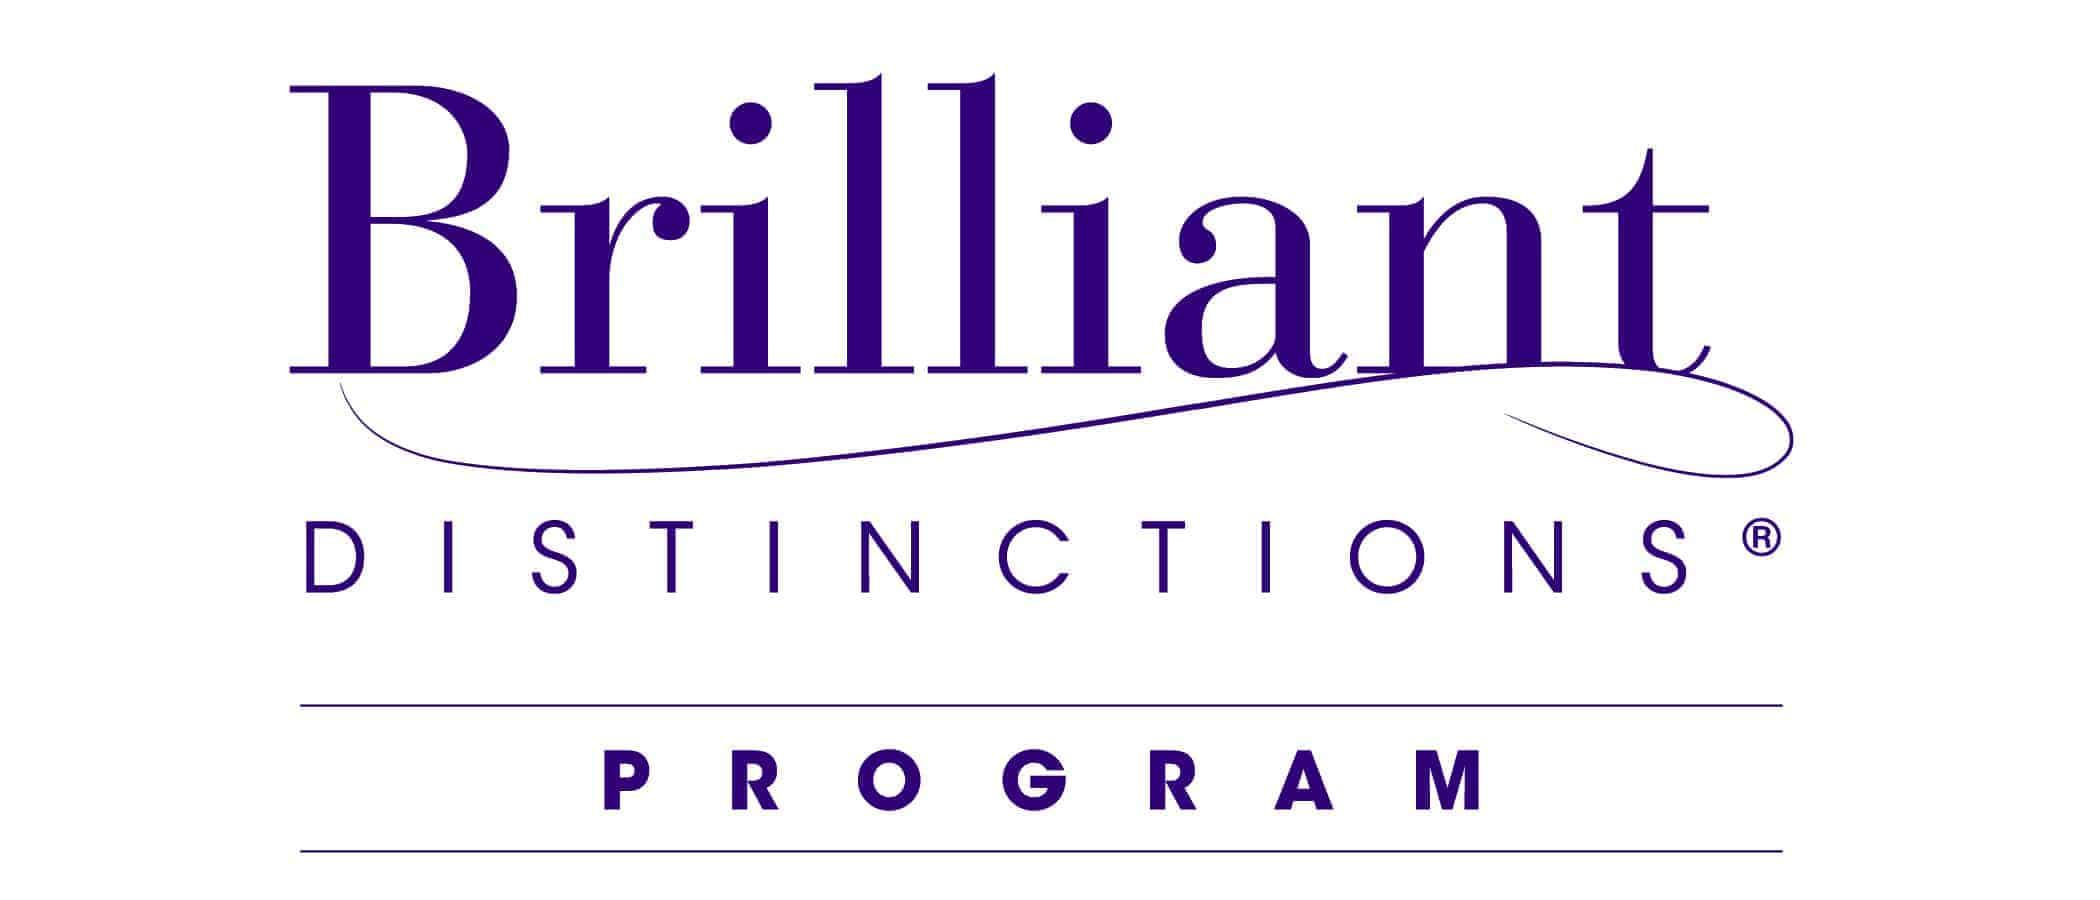 Brilliant Distinctions Program at North Georgia Aesthetics in Gainesville, GA